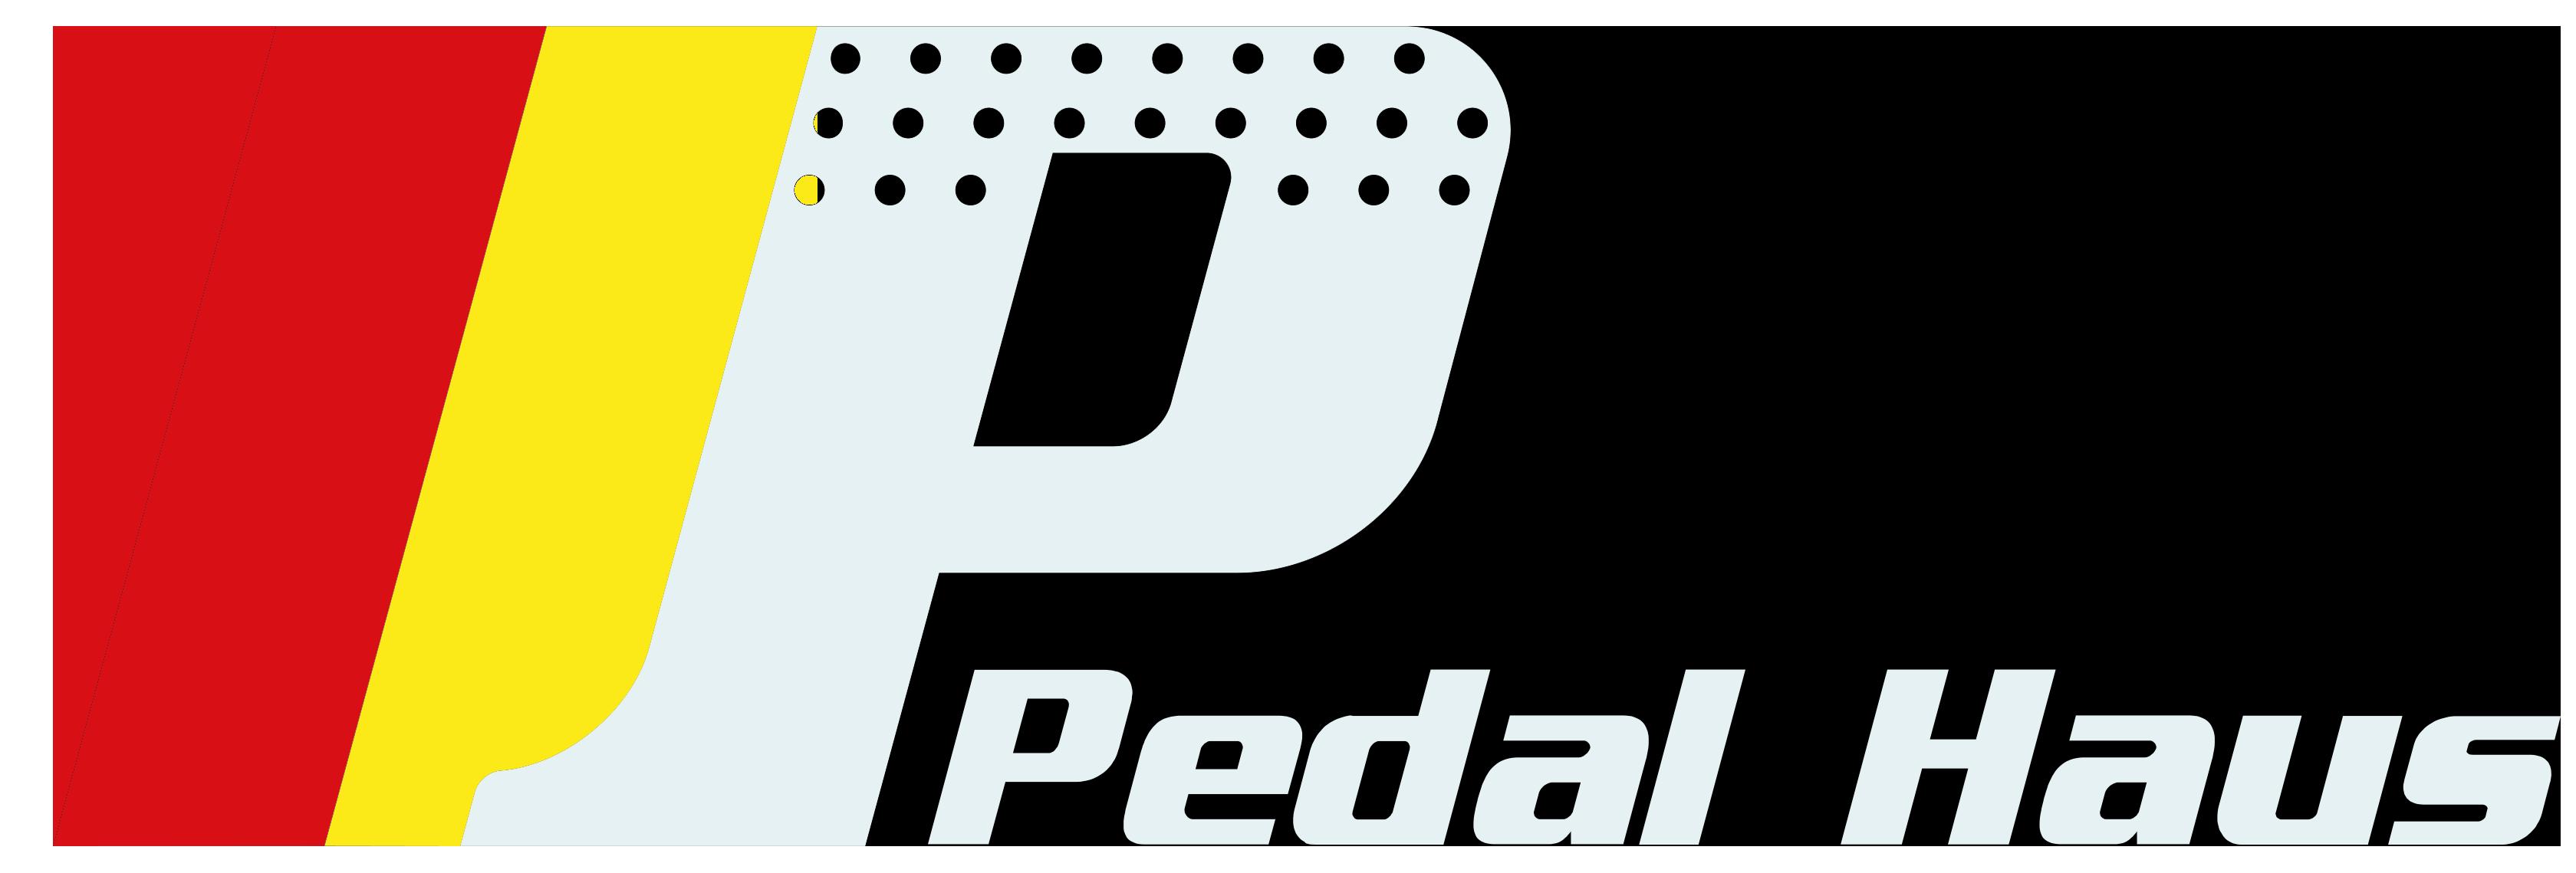 Pedal Haus Parts